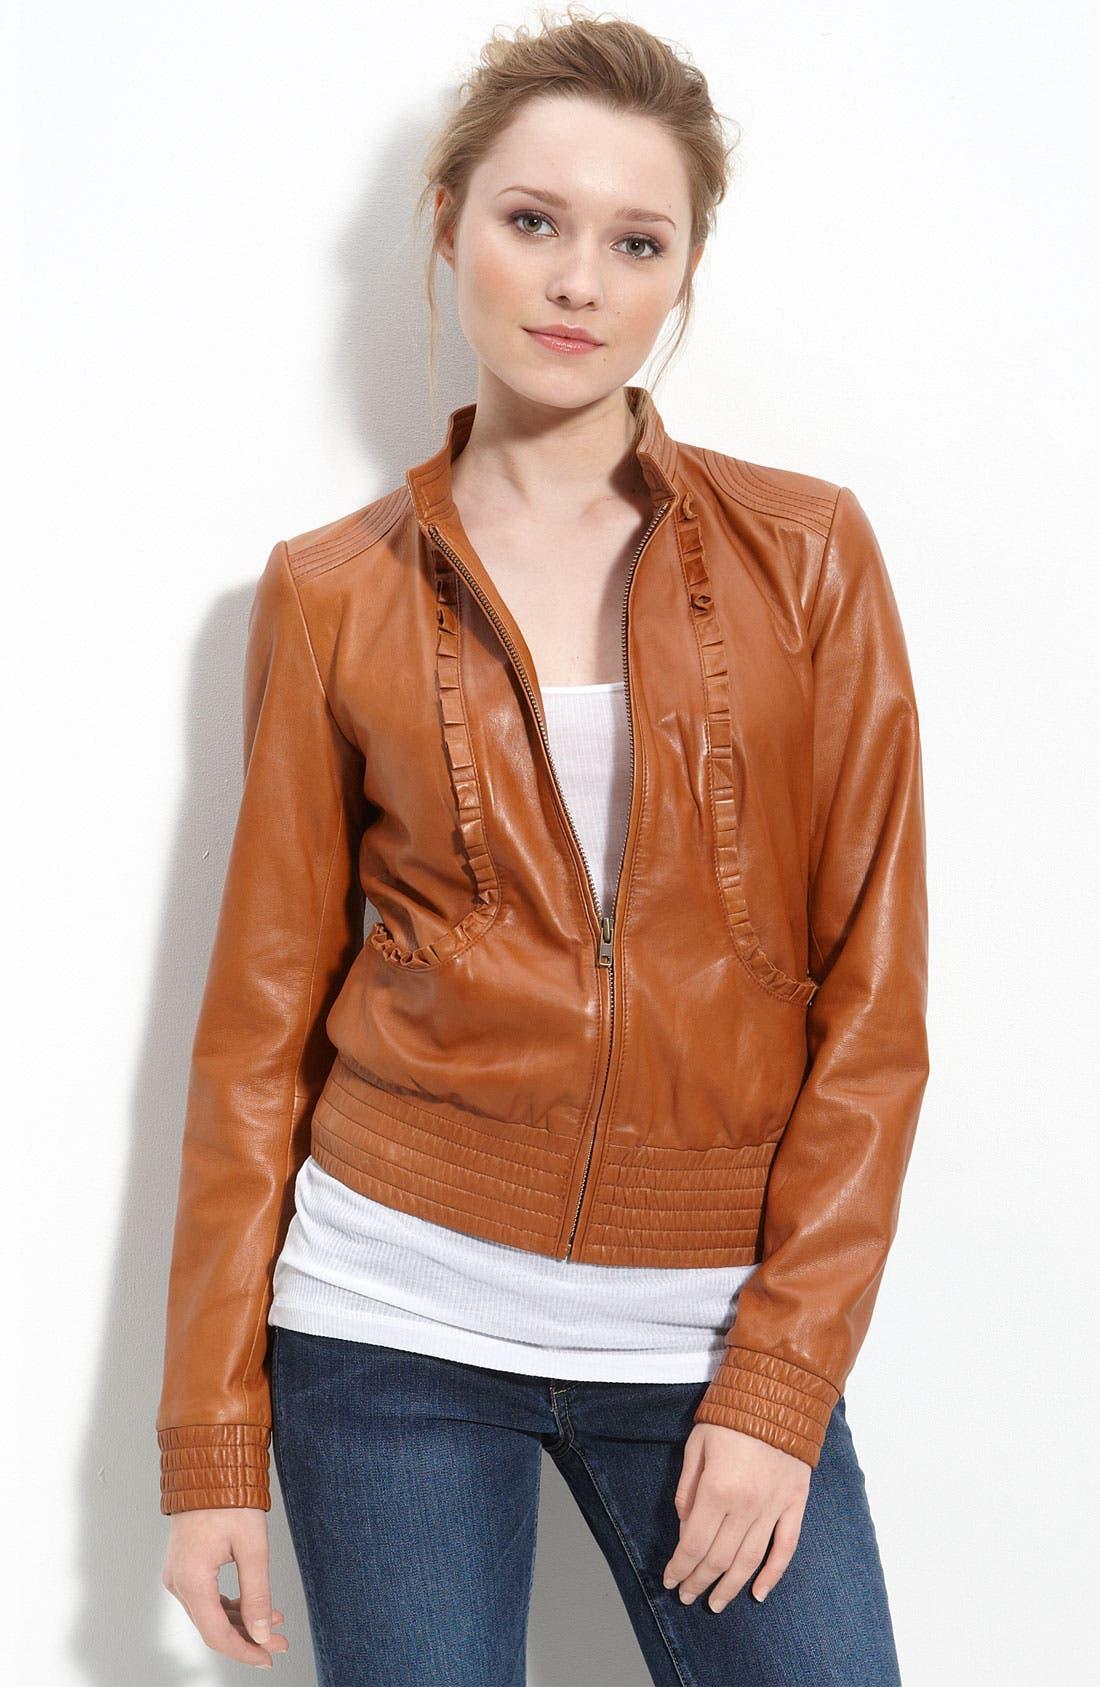 Alternate Image 1 Selected - Hinge® 'Boho' Leather Jacket